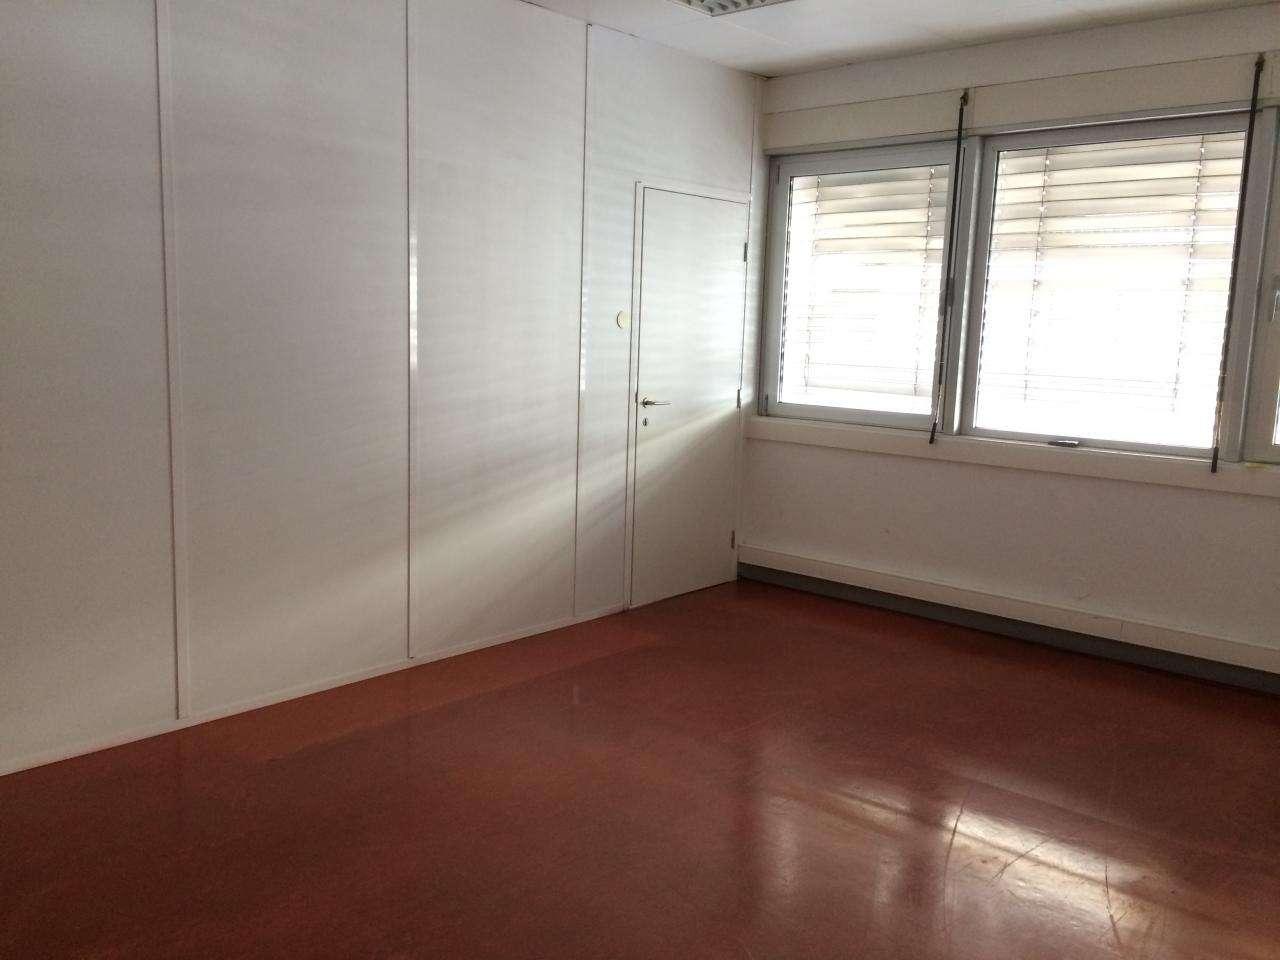 Escritório para arrendar, Avenidas Novas, Lisboa - Foto 8